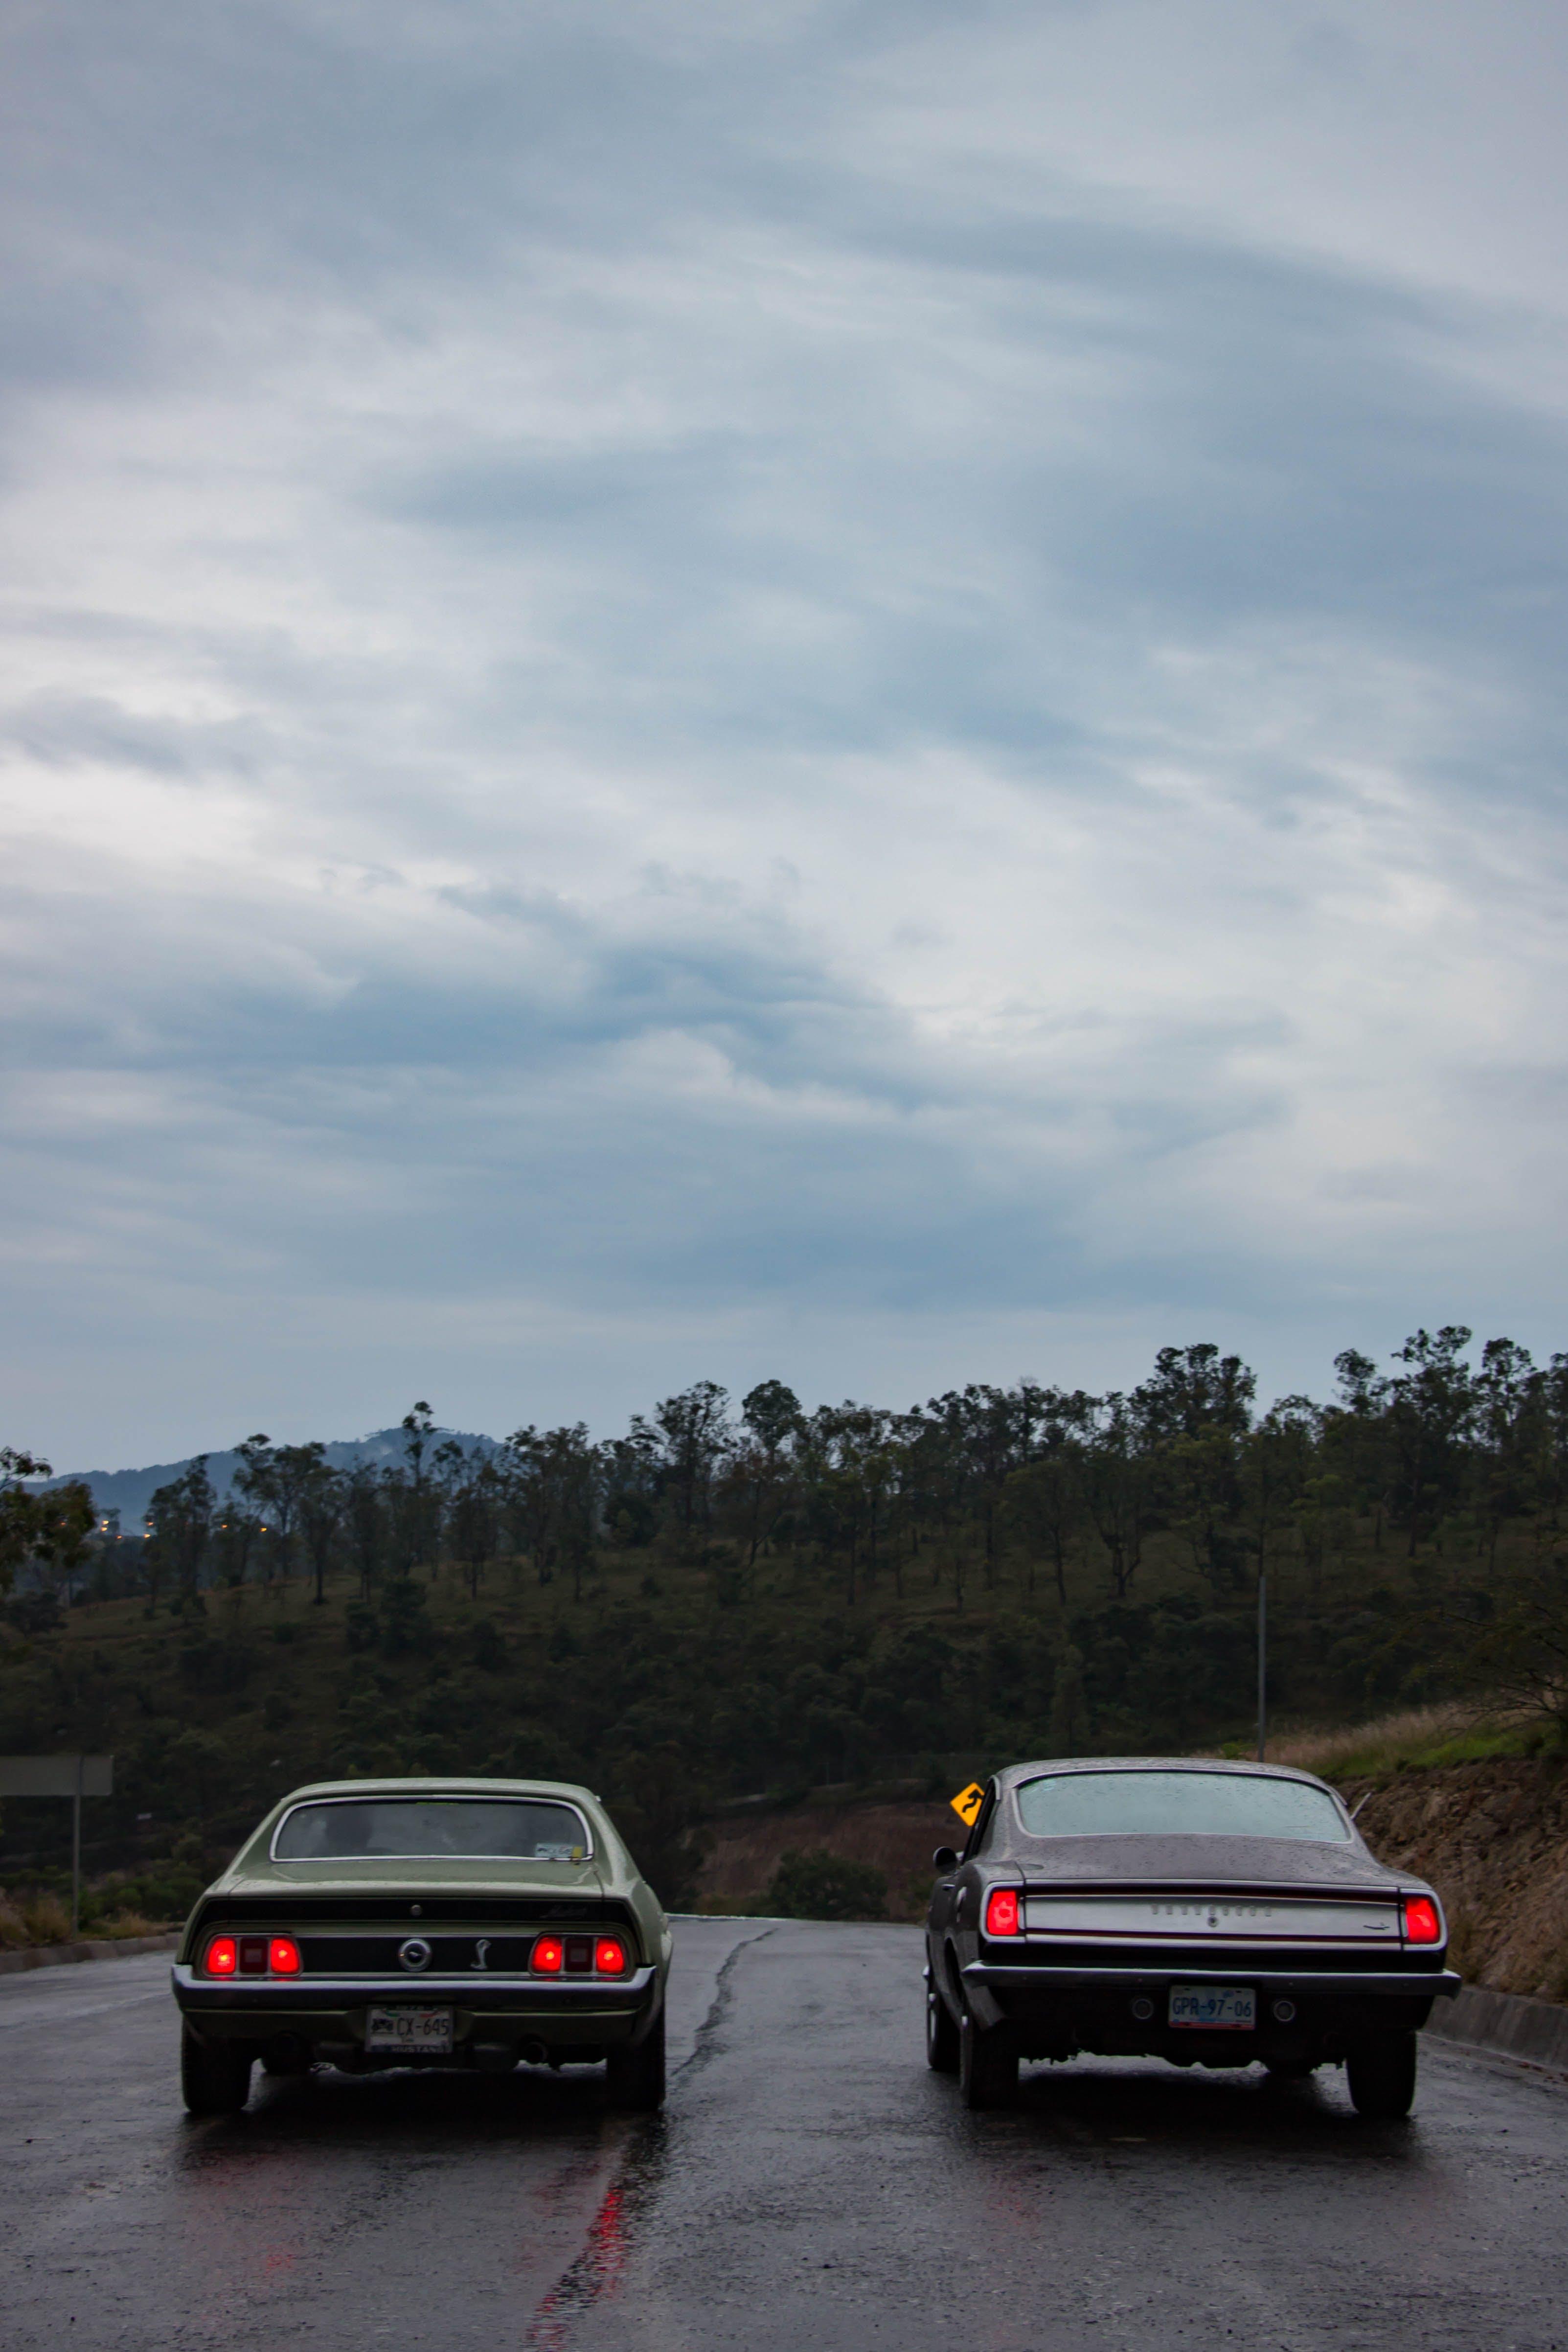 Kostenloses Stock Foto zu auto, auto model, autoscheinwerfer, bewölkter himmel